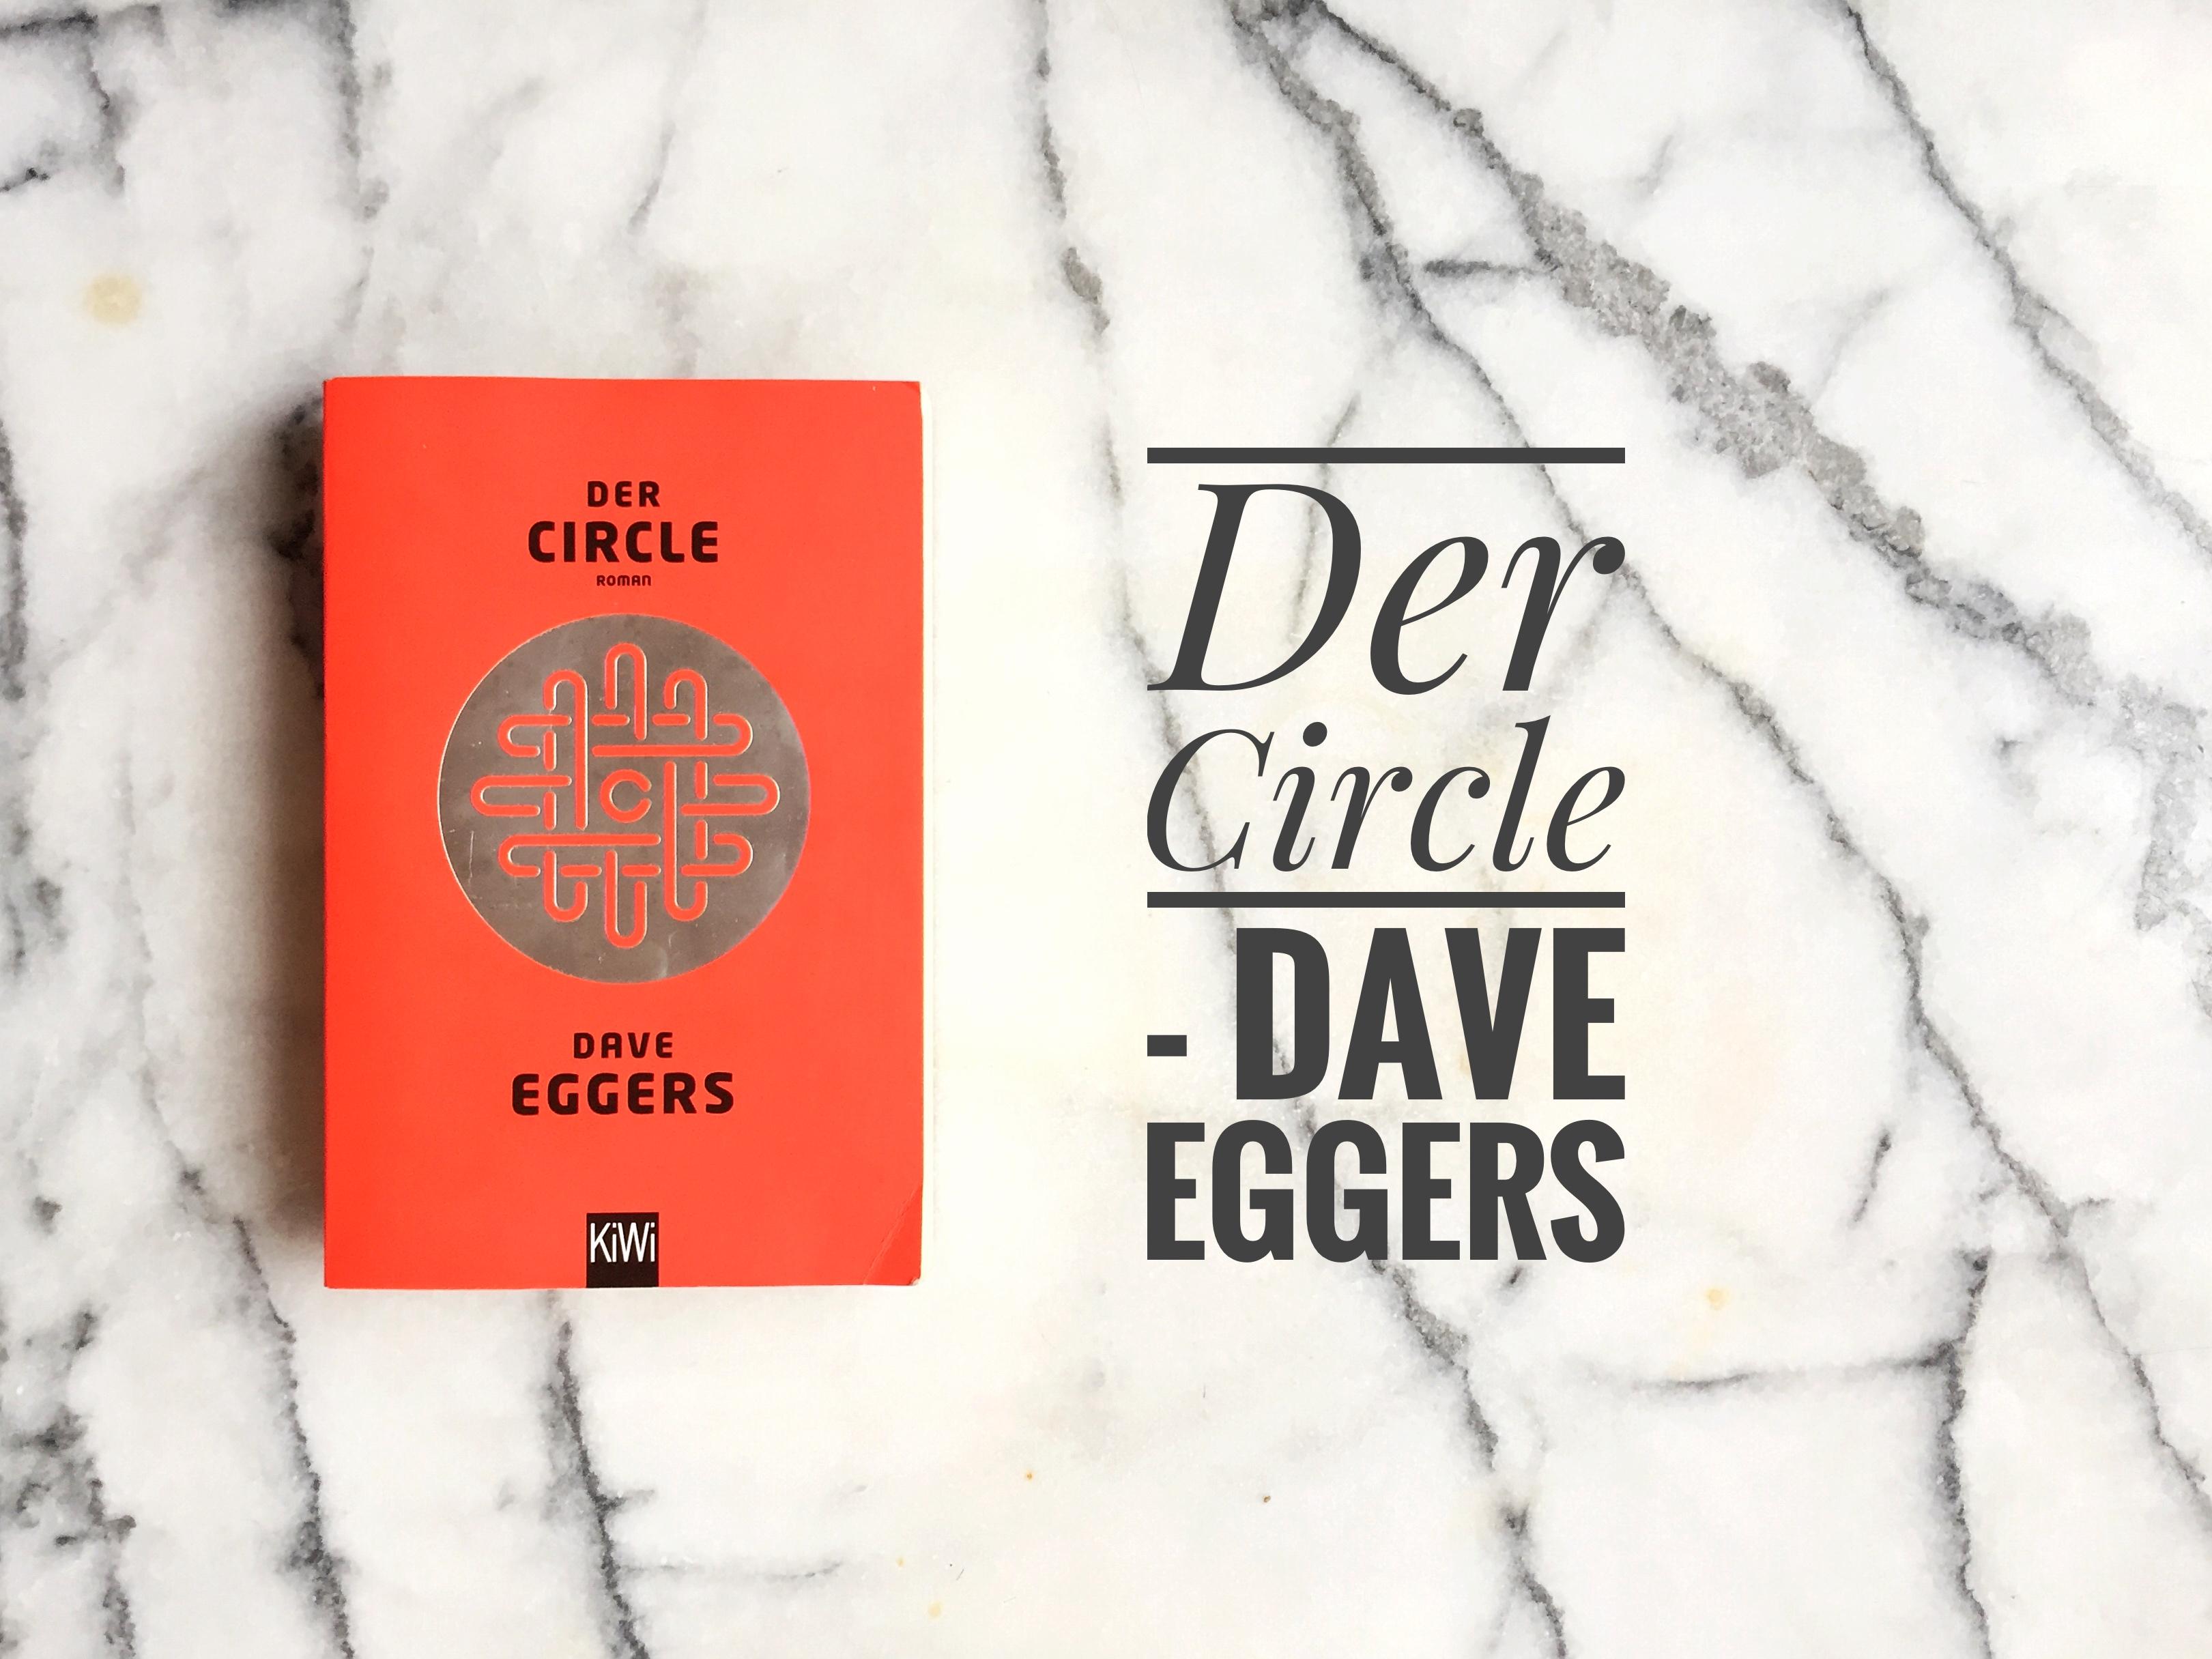 Der Circle Rezension Dave Eggers thelastpage.de